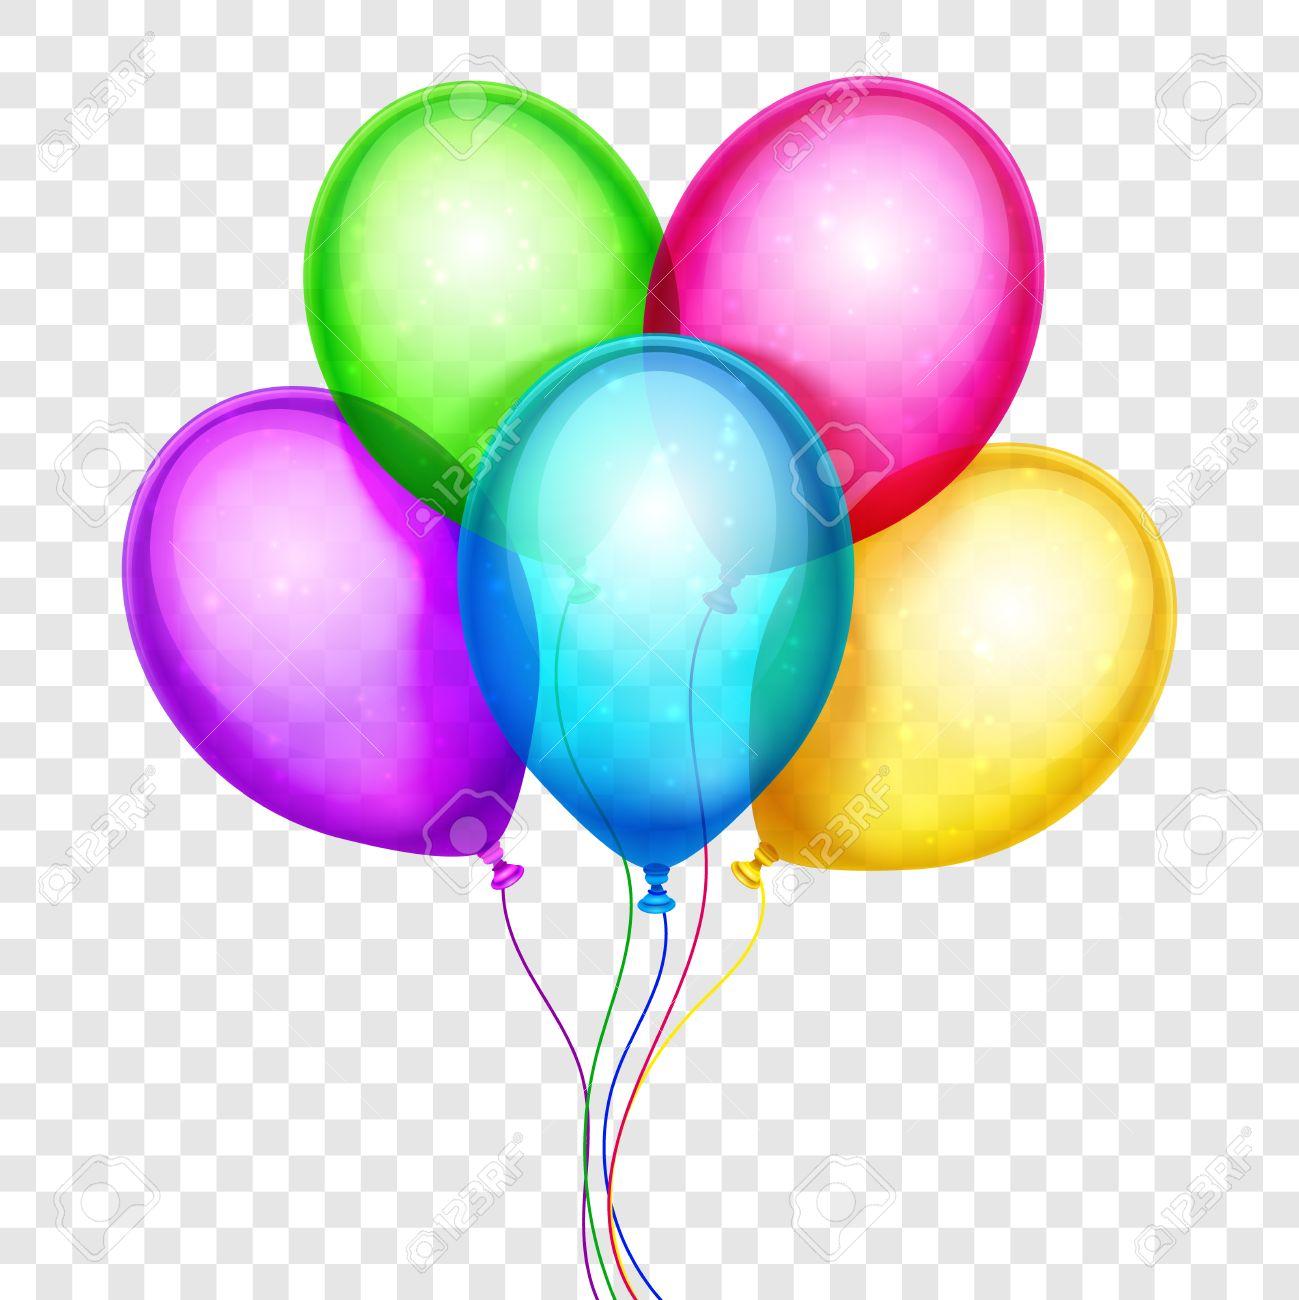 Vector Ballons Colores Decoration D Anniversaire Isole Sur Fond Transparent Anniversaire Ballon Couleur Illustration Des Ballons D Helium Voler Clip Art Libres De Droits Vecteurs Et Illustration Image 66411188